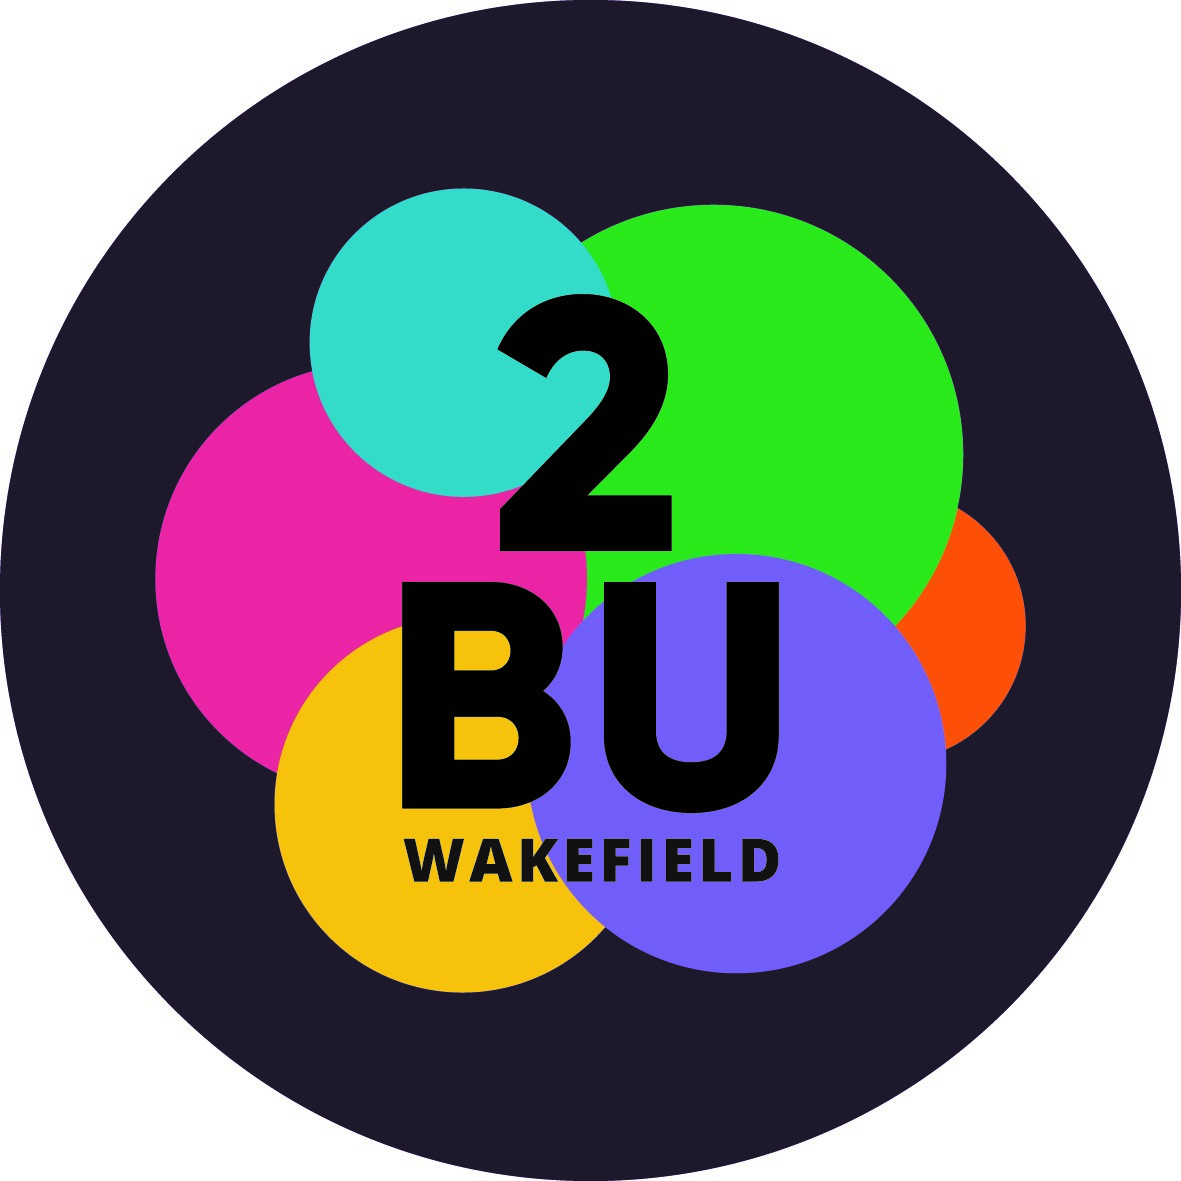 2buWakefield logo